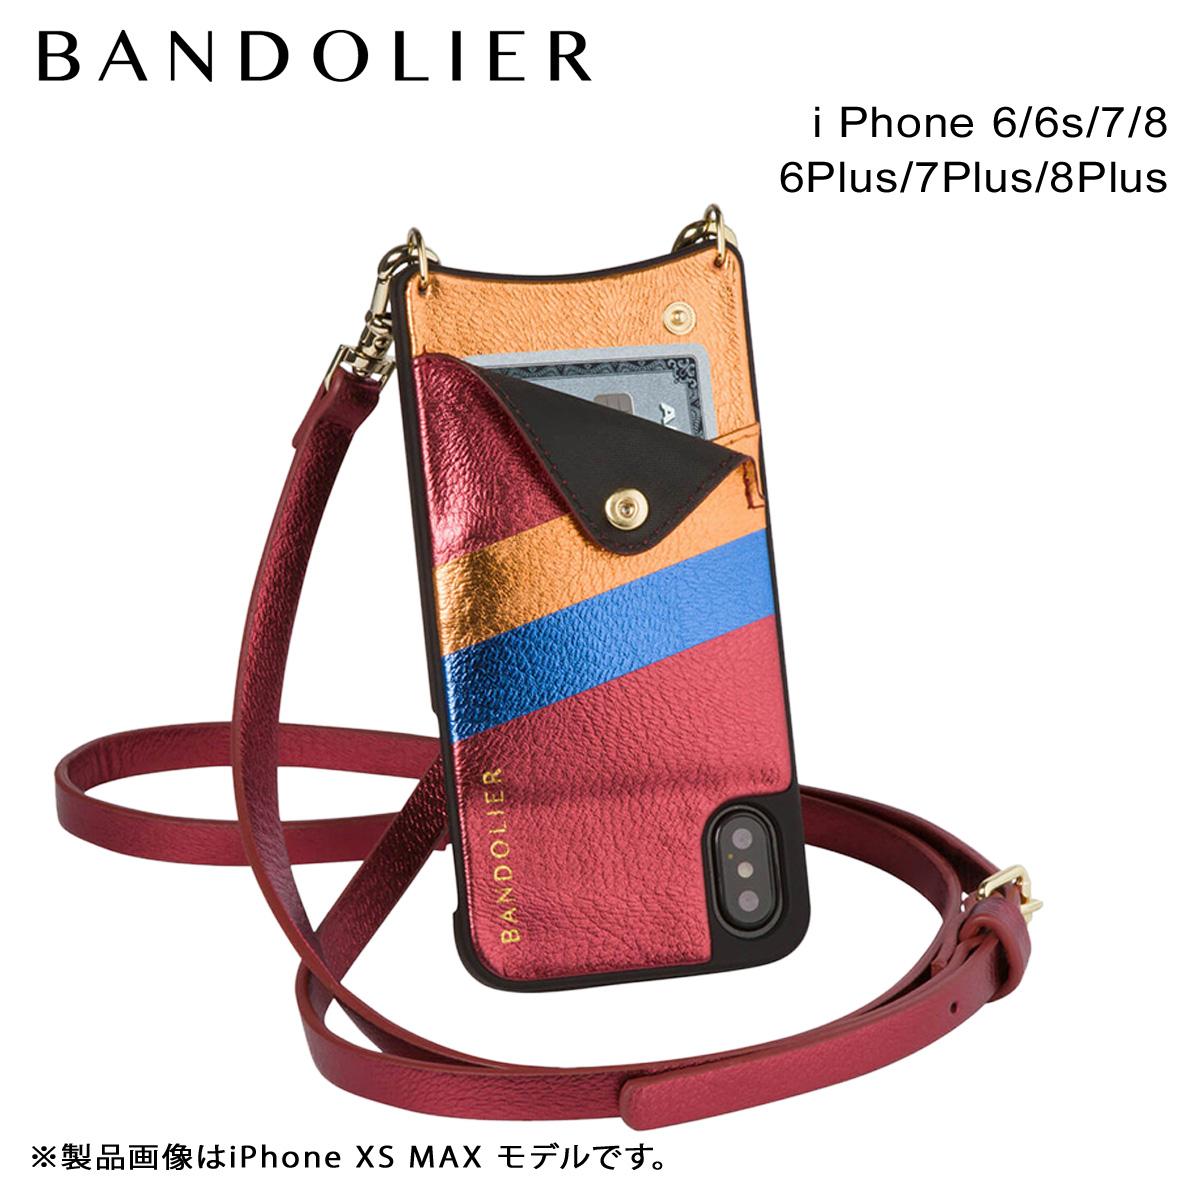 バンドリヤー BANDOLIER iPhone8 iPhone7 7Plus 6s ケース スマホ アイフォン プラス EMMA RED RAINBOW メンズ レディース アッシュ [6/1 新入荷] 【決算セール 返品不可】